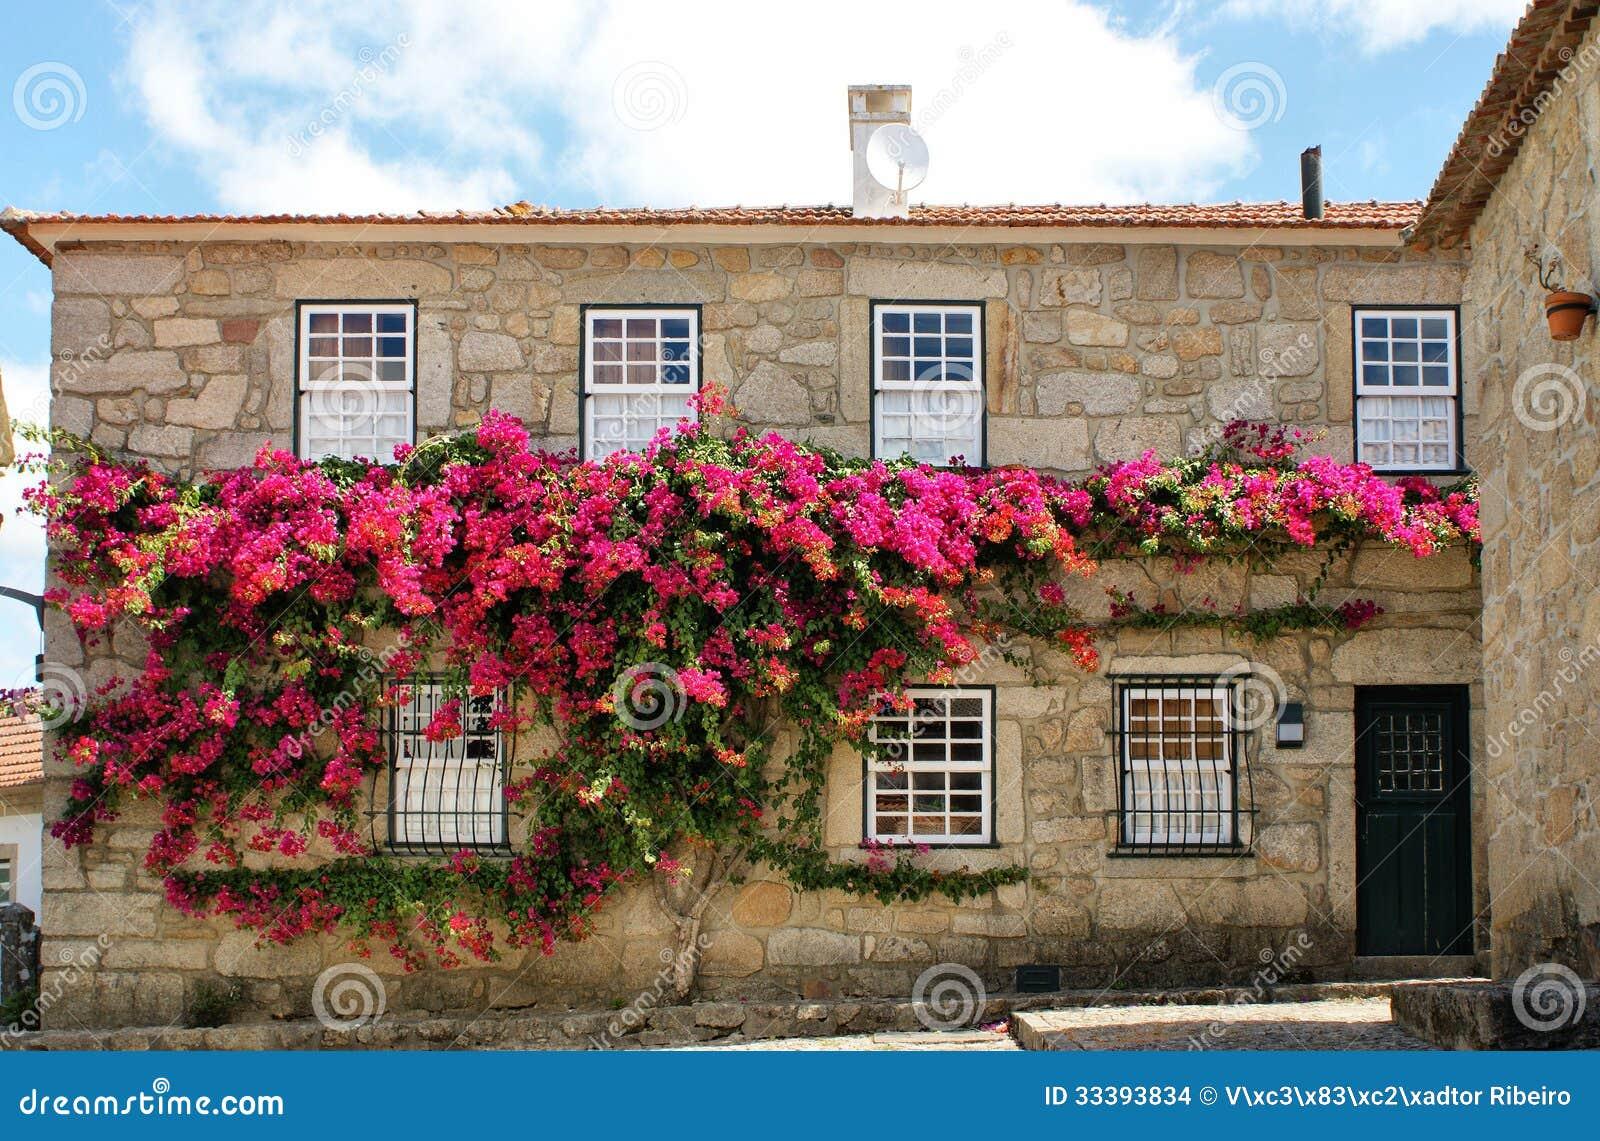 Typical house in vila nova de cerveira stock images - Vilanova de cerveira ...